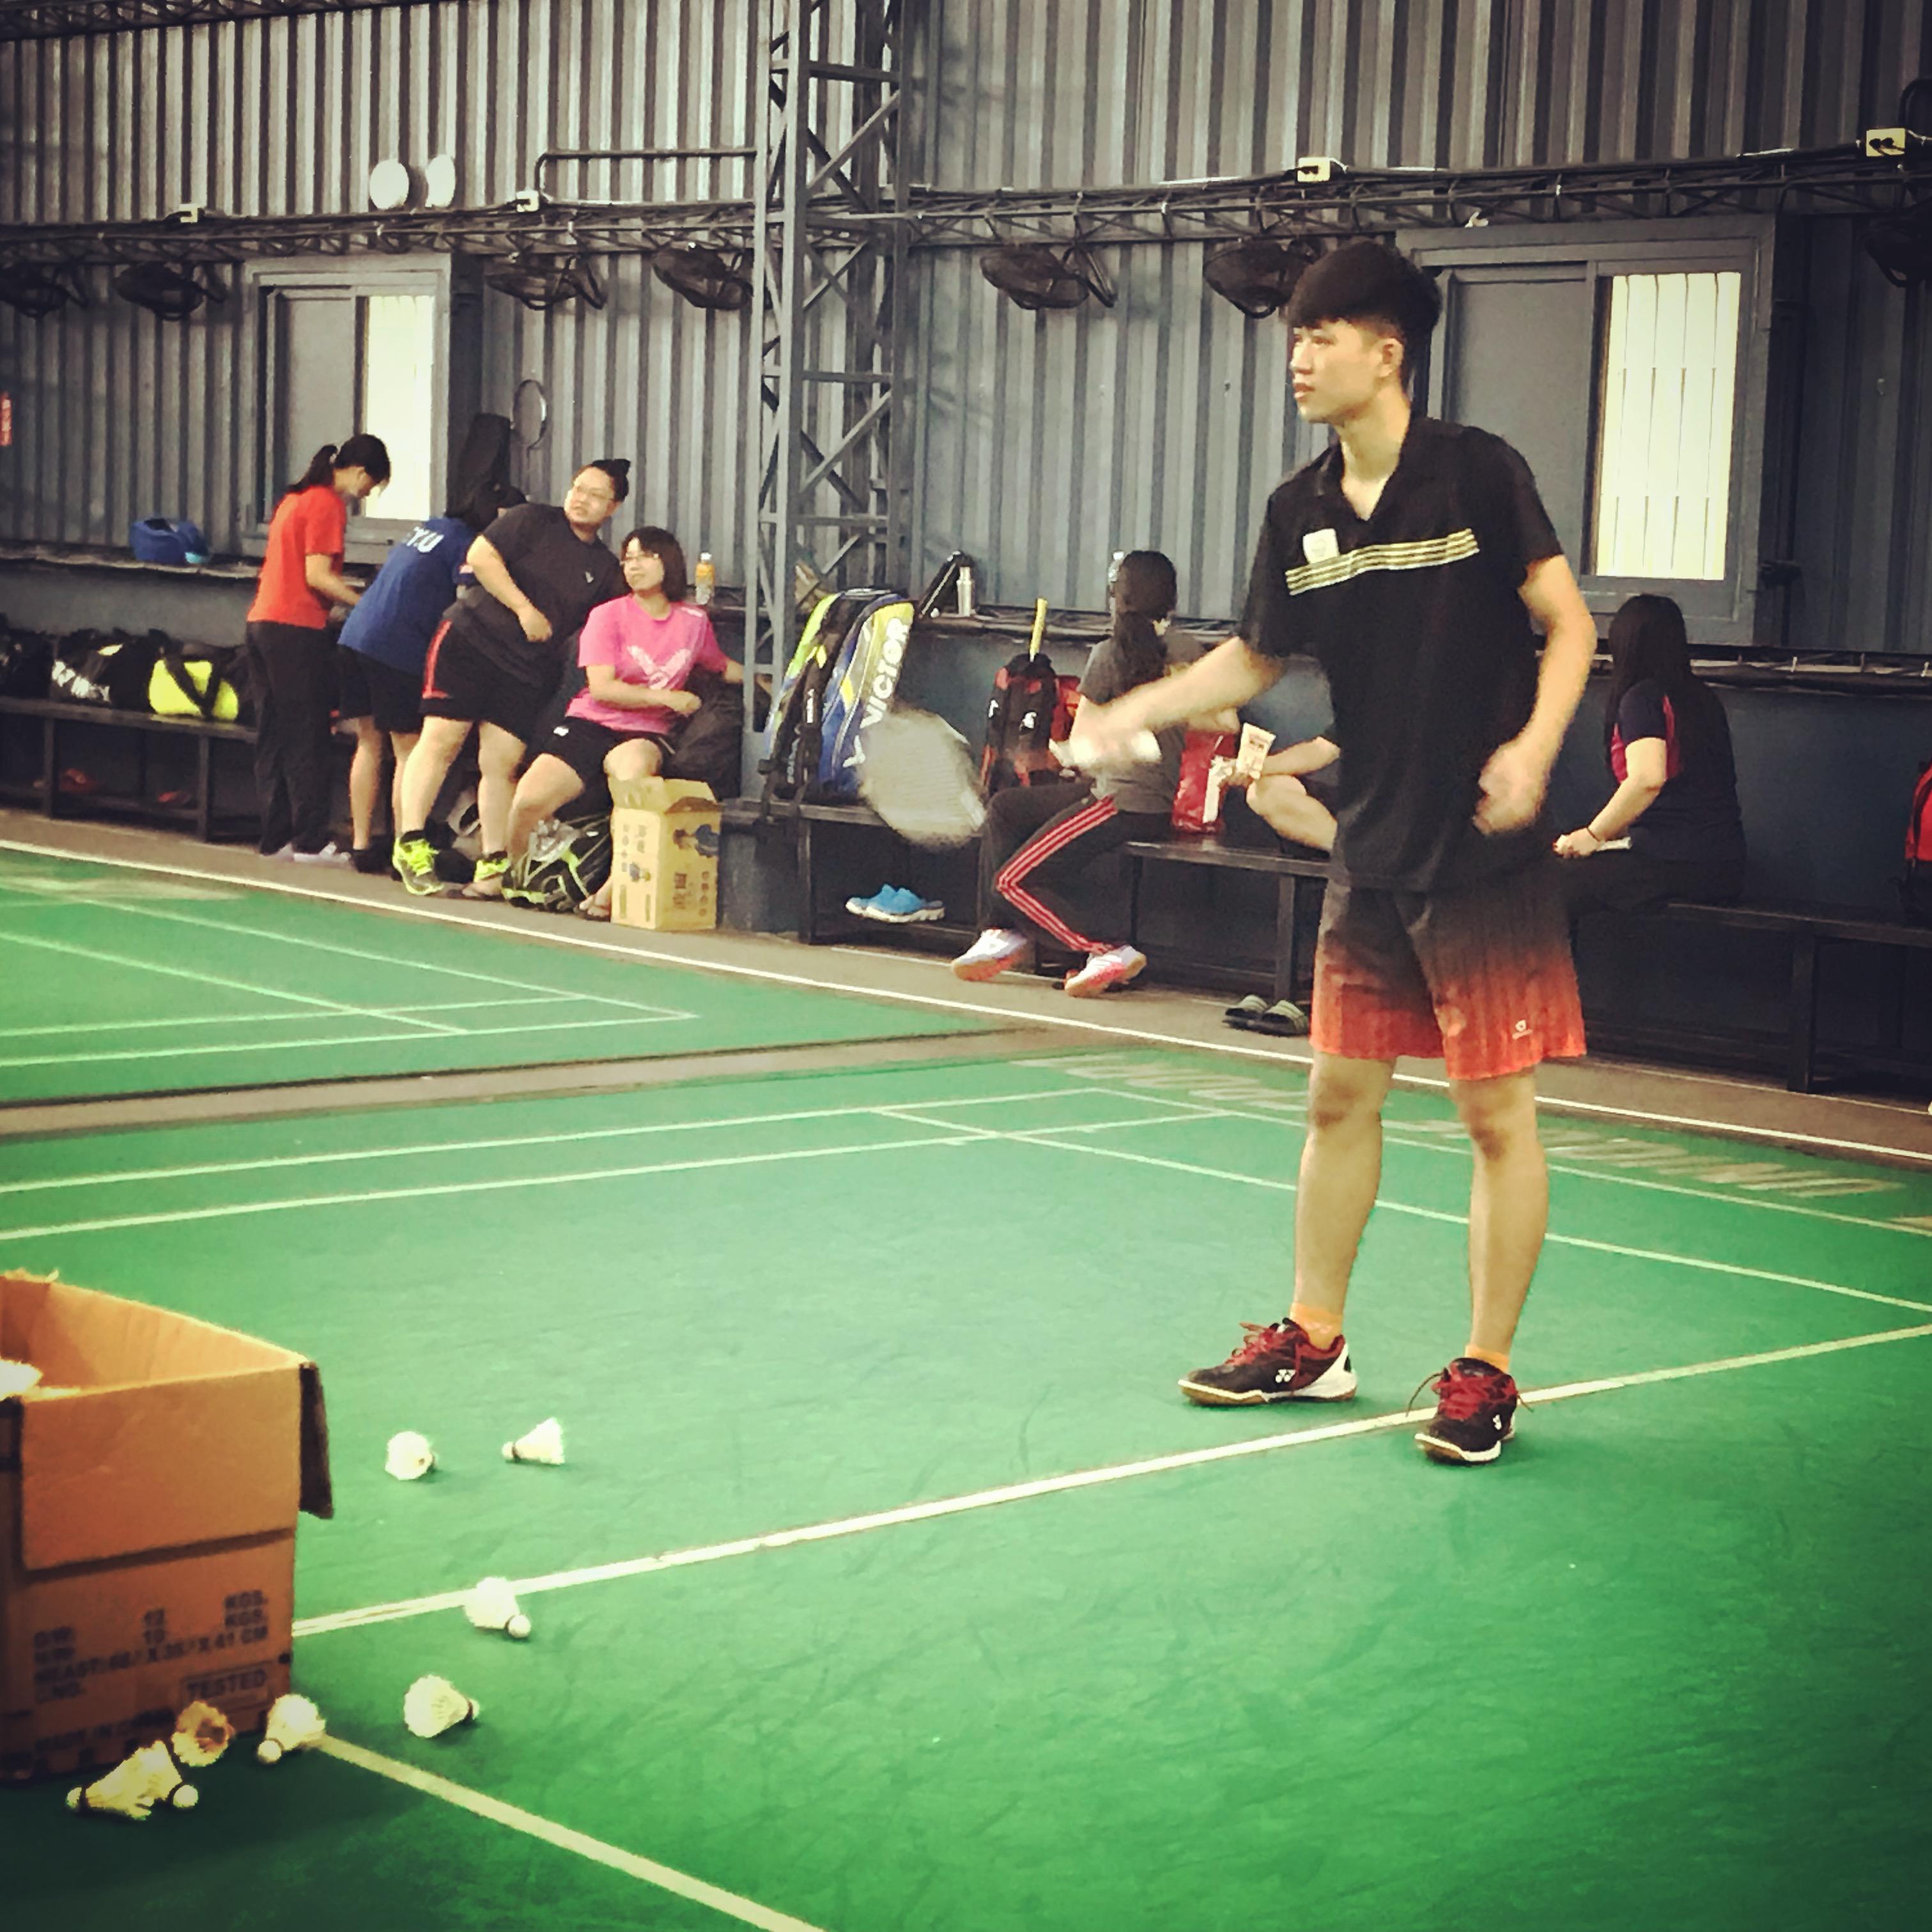 專業羽球教練